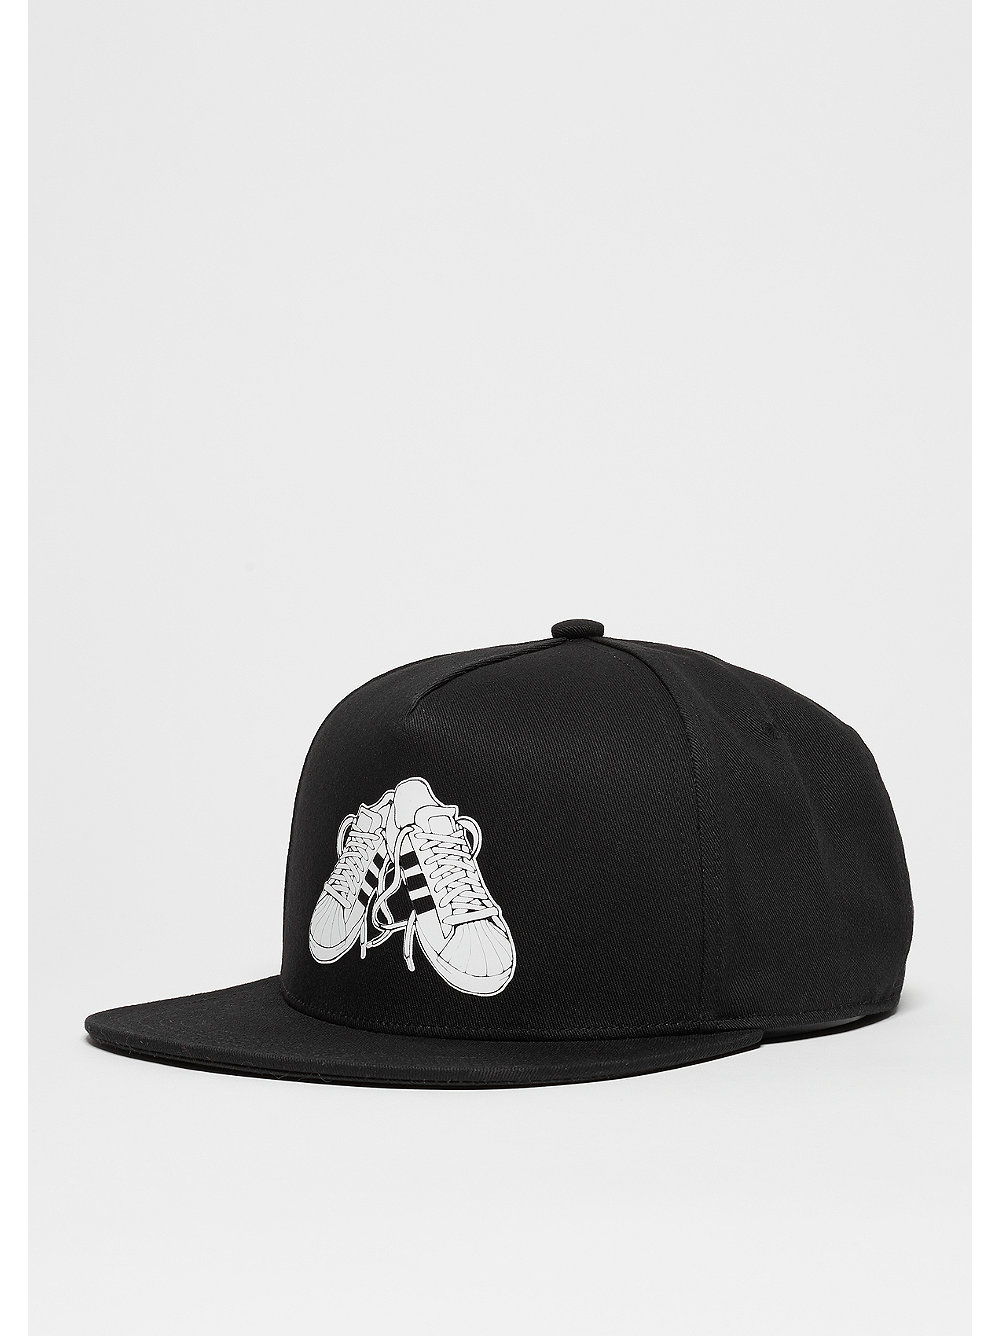 adidas Superstar SST black